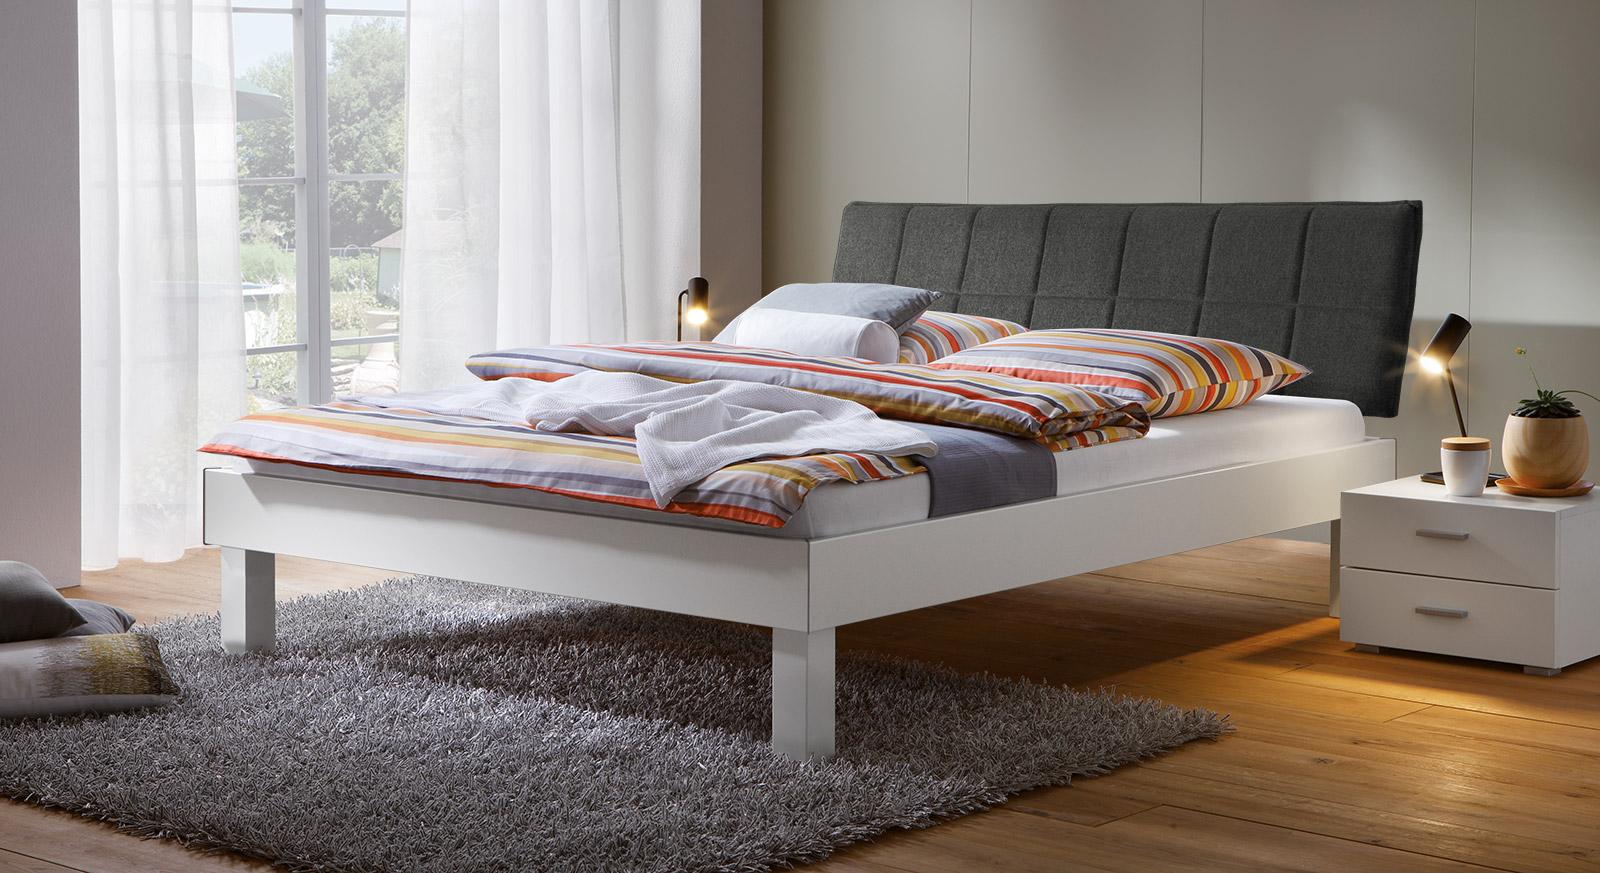 Bett Sierra mit 25cm Fußhöhe und Kopfteil in Anthrazit